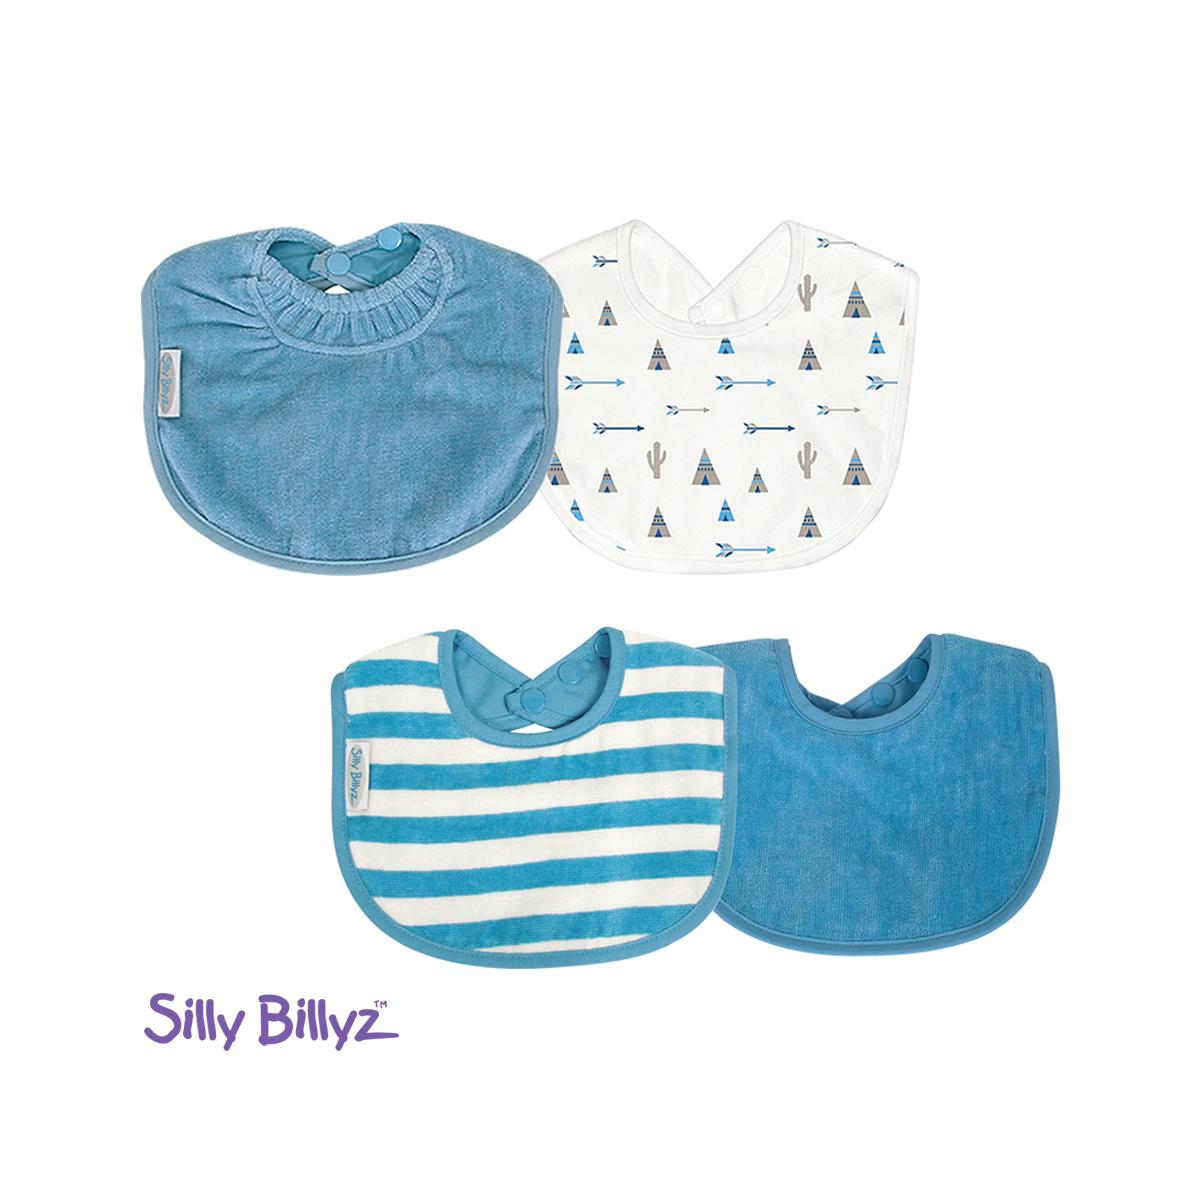 SillyBillyz Biblet Bundle-Blue